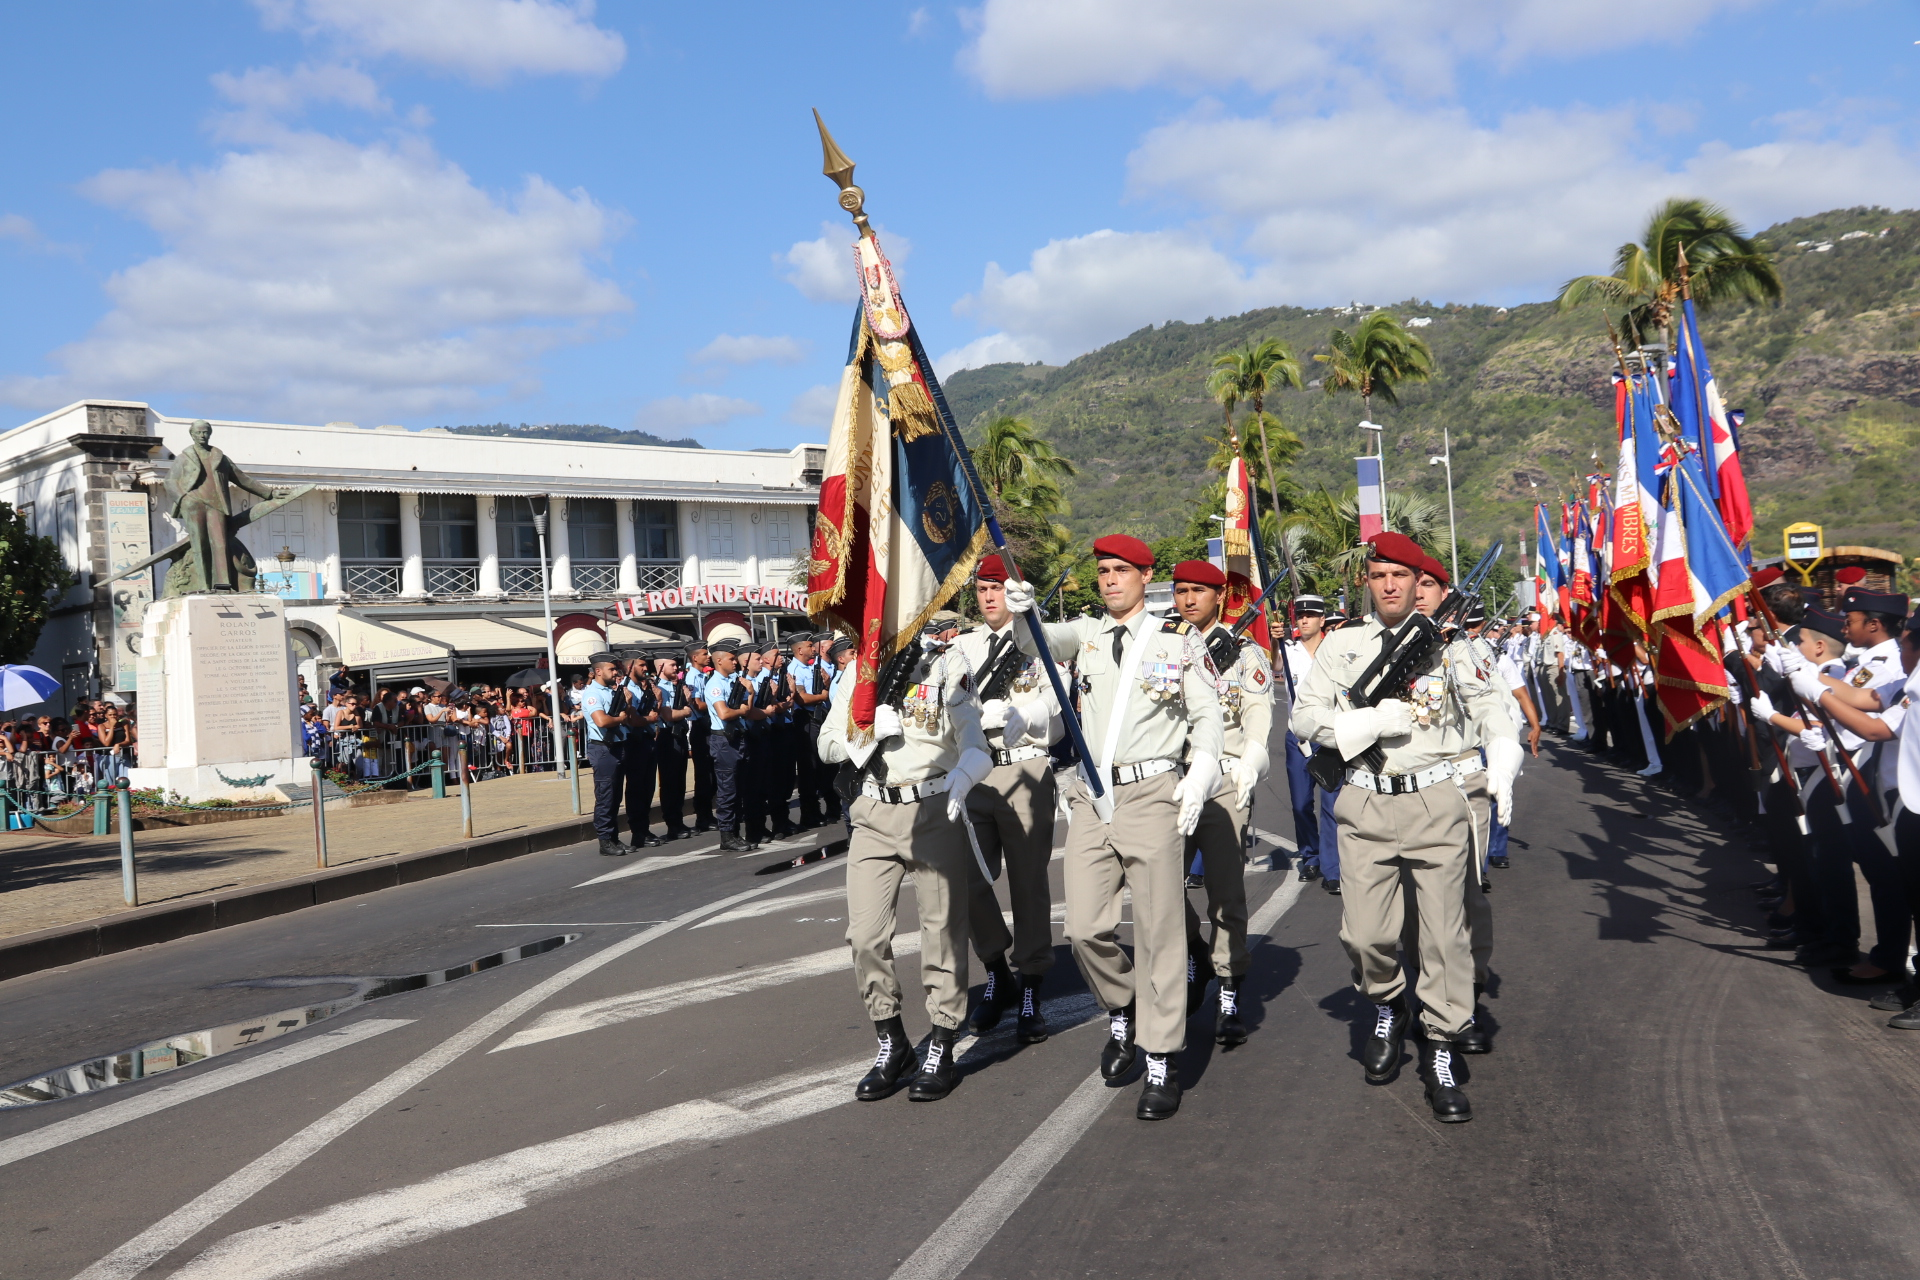 Défilé du 14 juillet 2019 au Barachois: toutes les photos